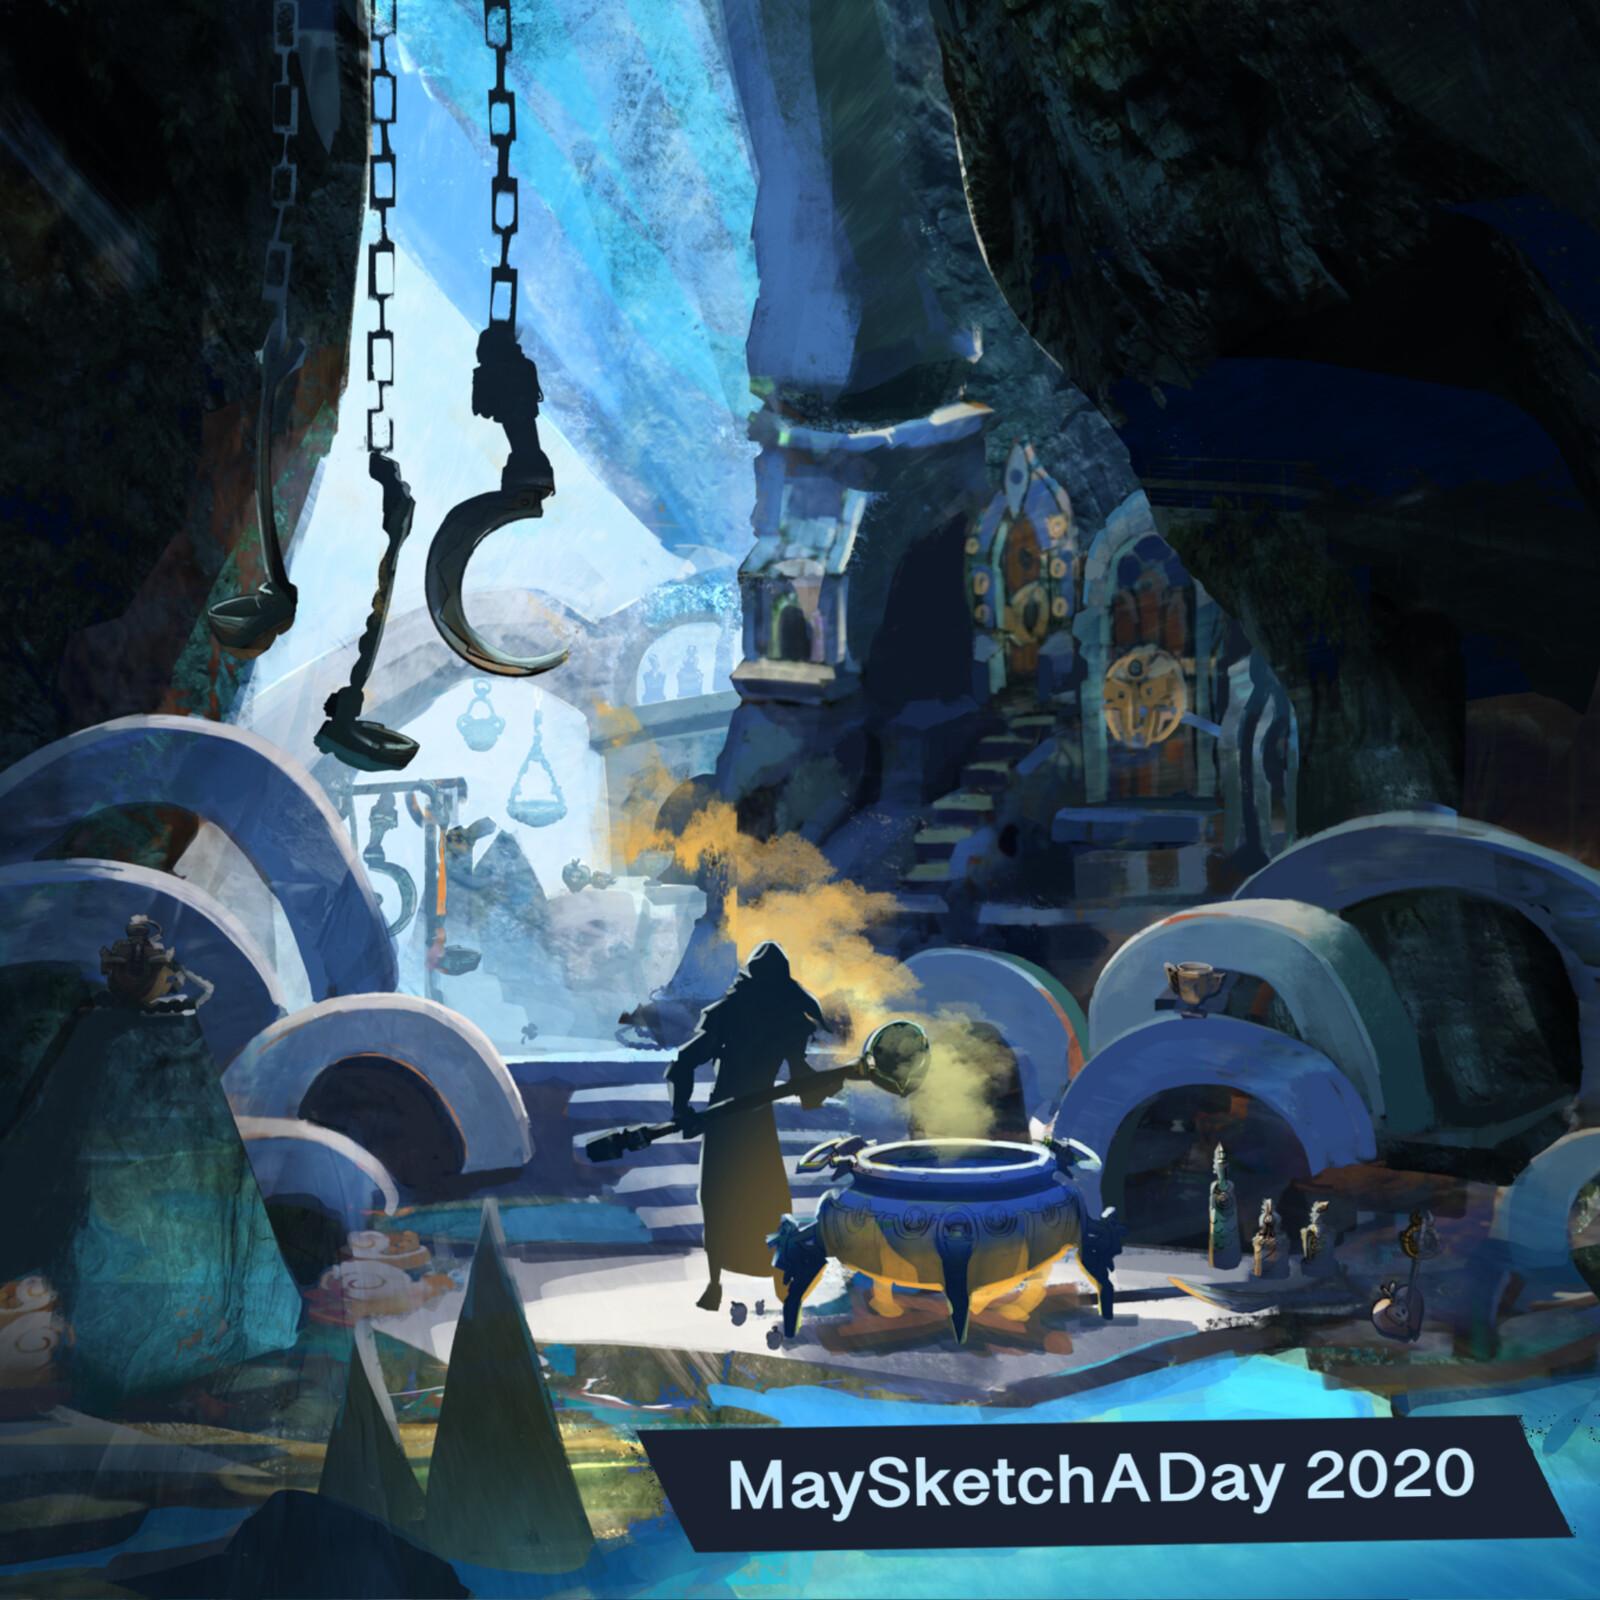 MaySketchADay 2020